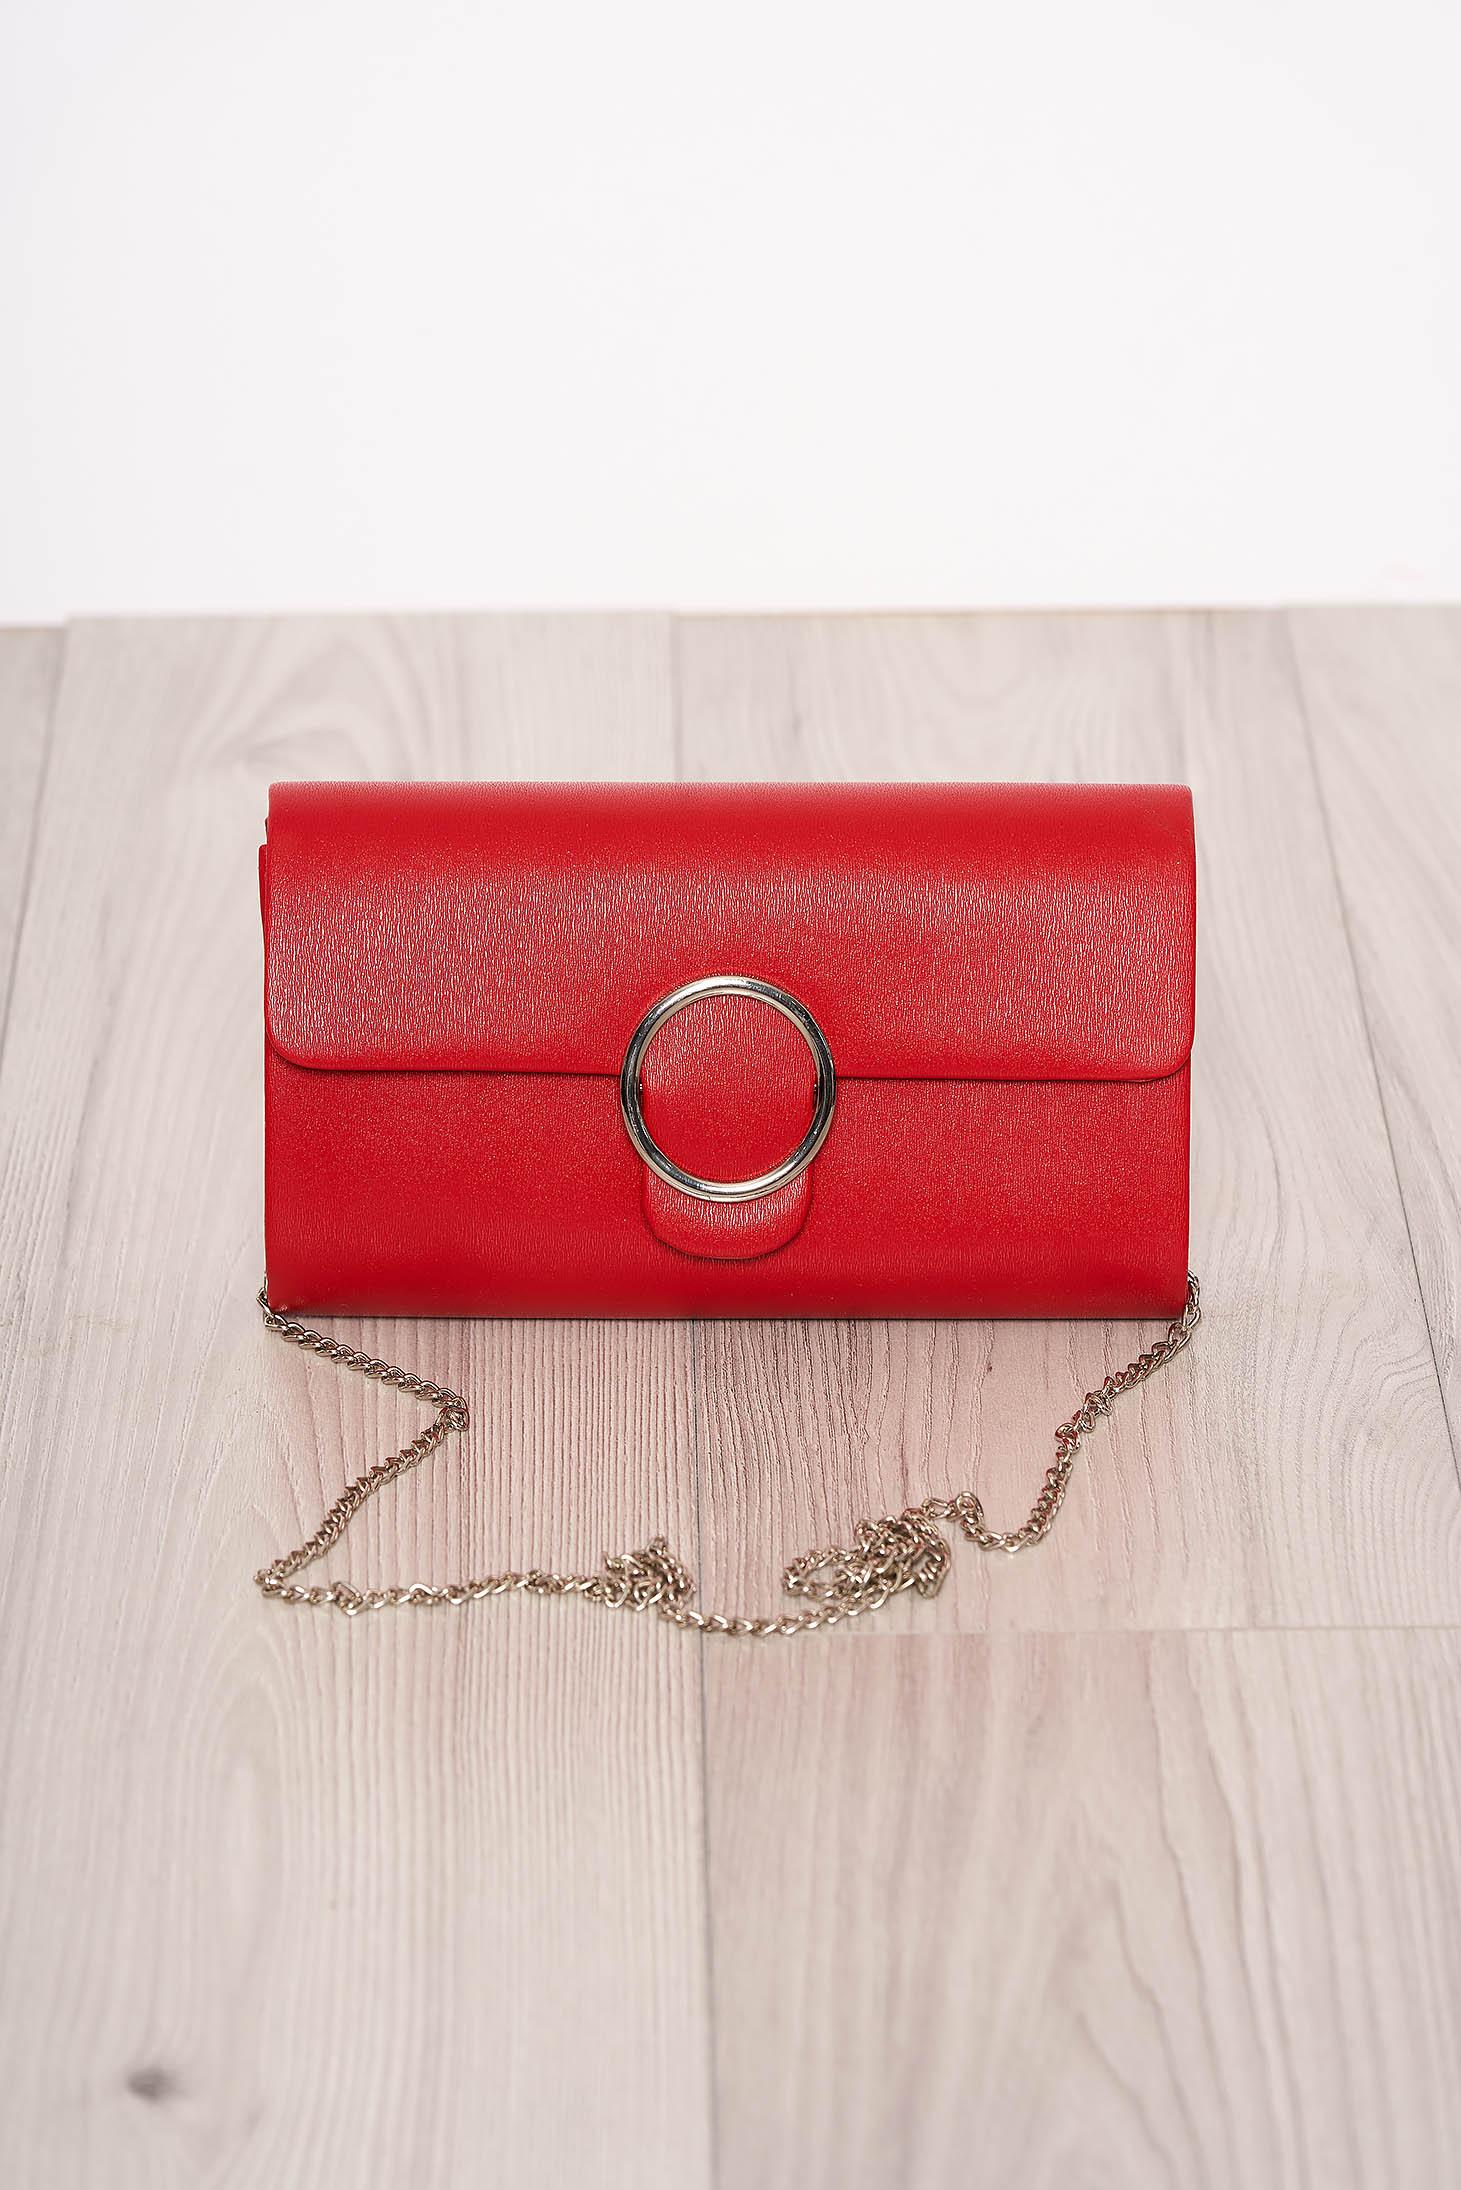 Geanta dama rosie eleganta cu maner lung tip lantisor detasabil si inchidere cu capsa magnetica